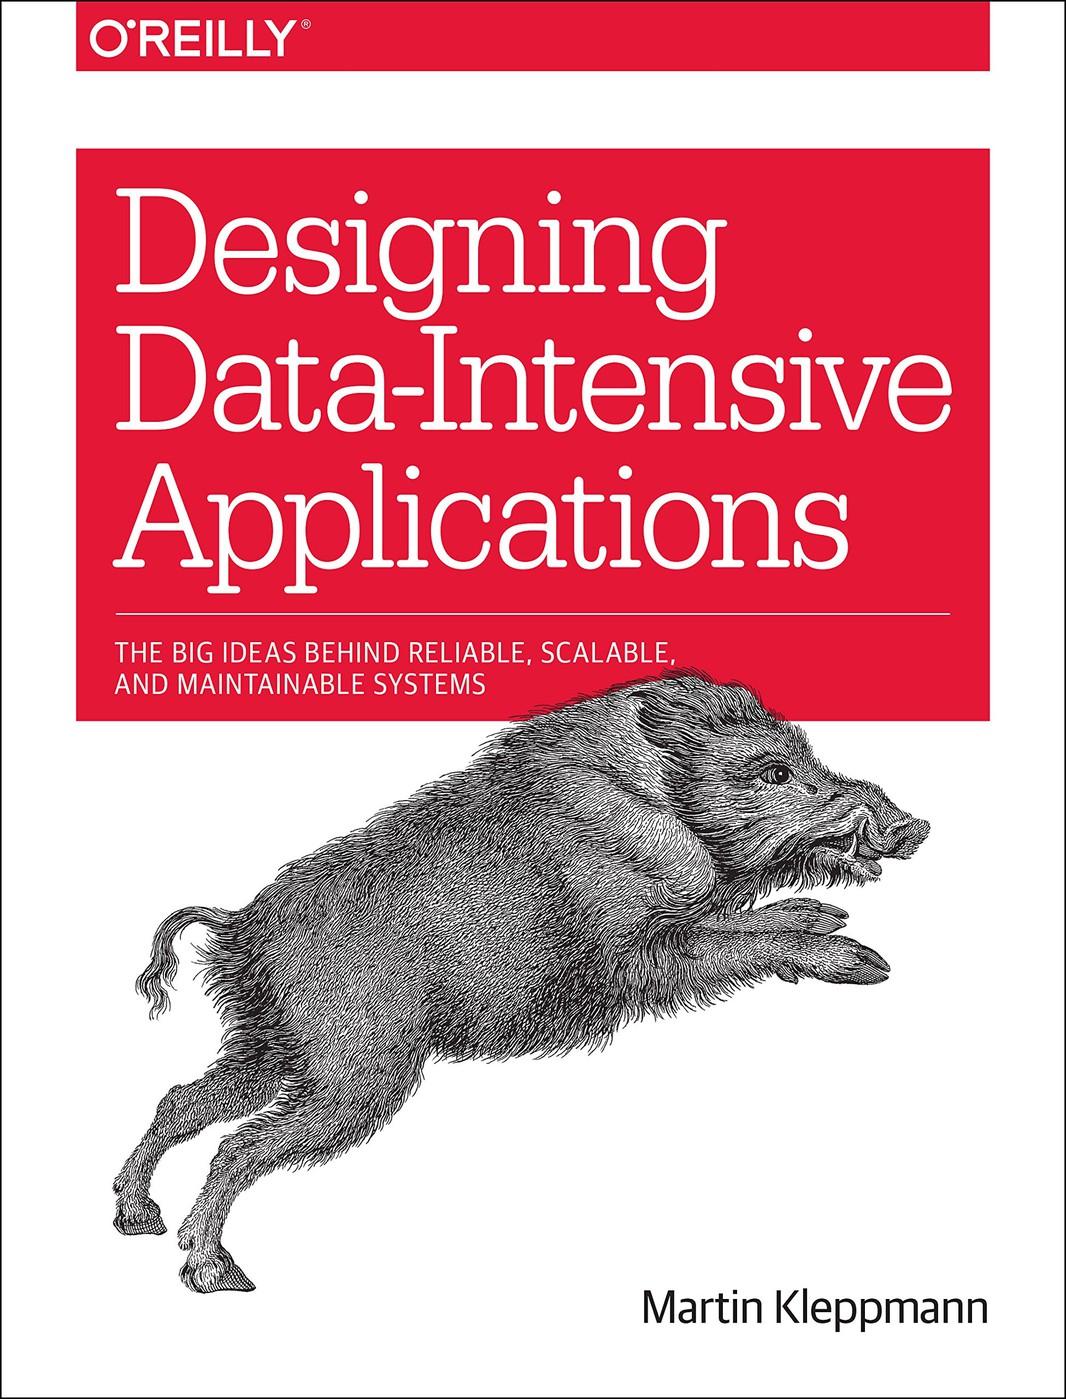 Для подготовки к System Design секциям нет ничего лучше книги с кабаном, Designing Data Intensive Applications (да и вообще книга - огонь).